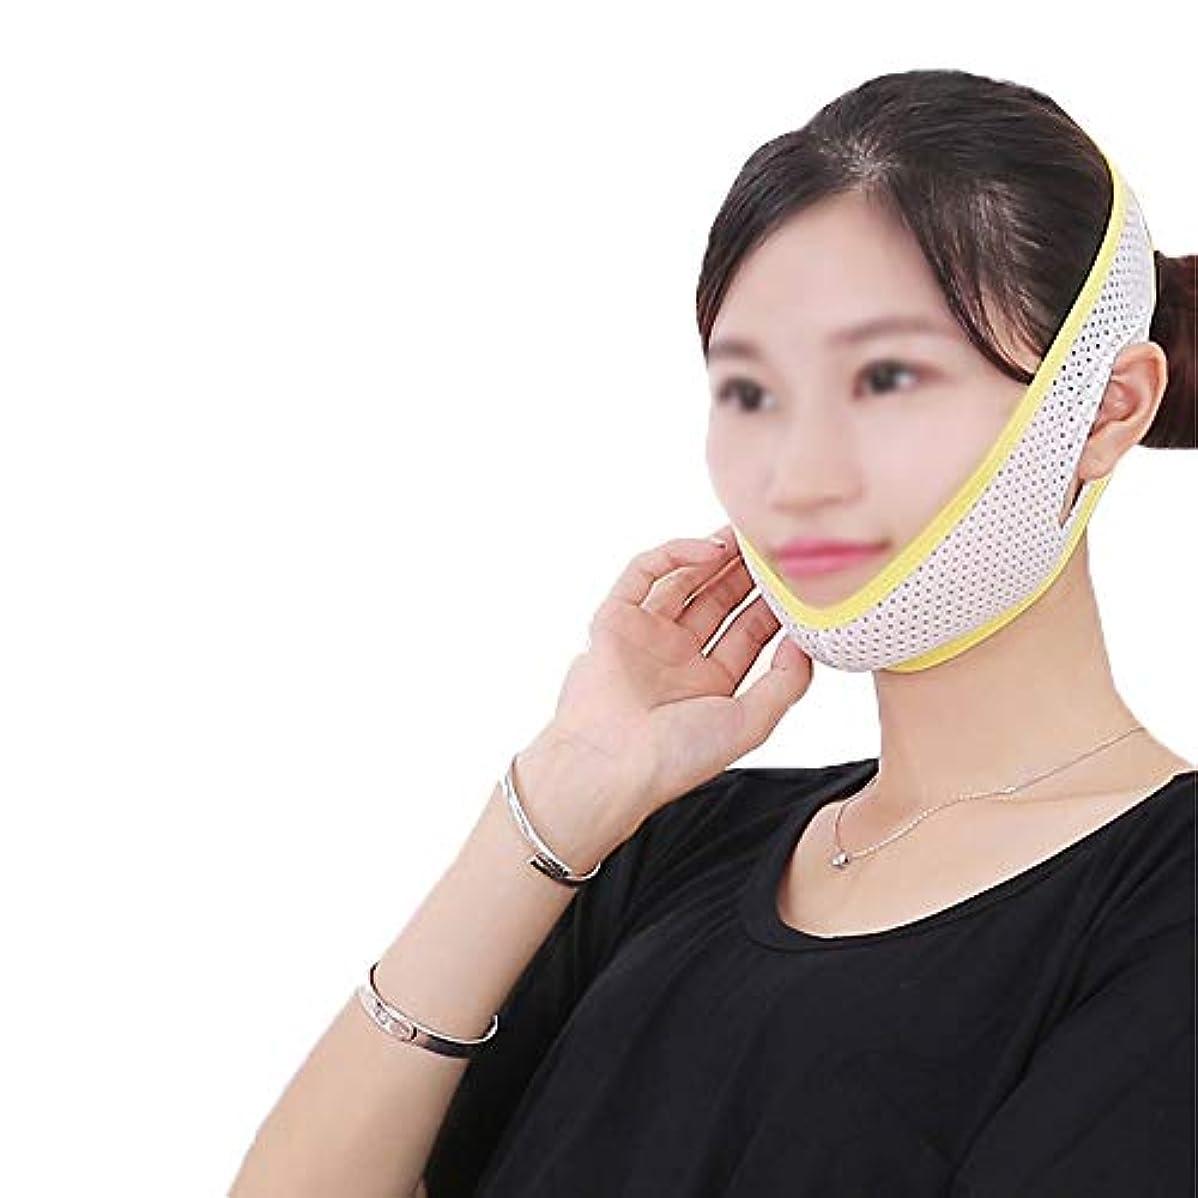 故障卑しいラフGLJJQMY 顔と首リフト薄いフェイスマスク強力な薄いフェイスツール締め付け薄いフェイスマスクアーティファクト薄いフェイス包帯薄い顔デバイス 顔用整形マスク (Size : M)